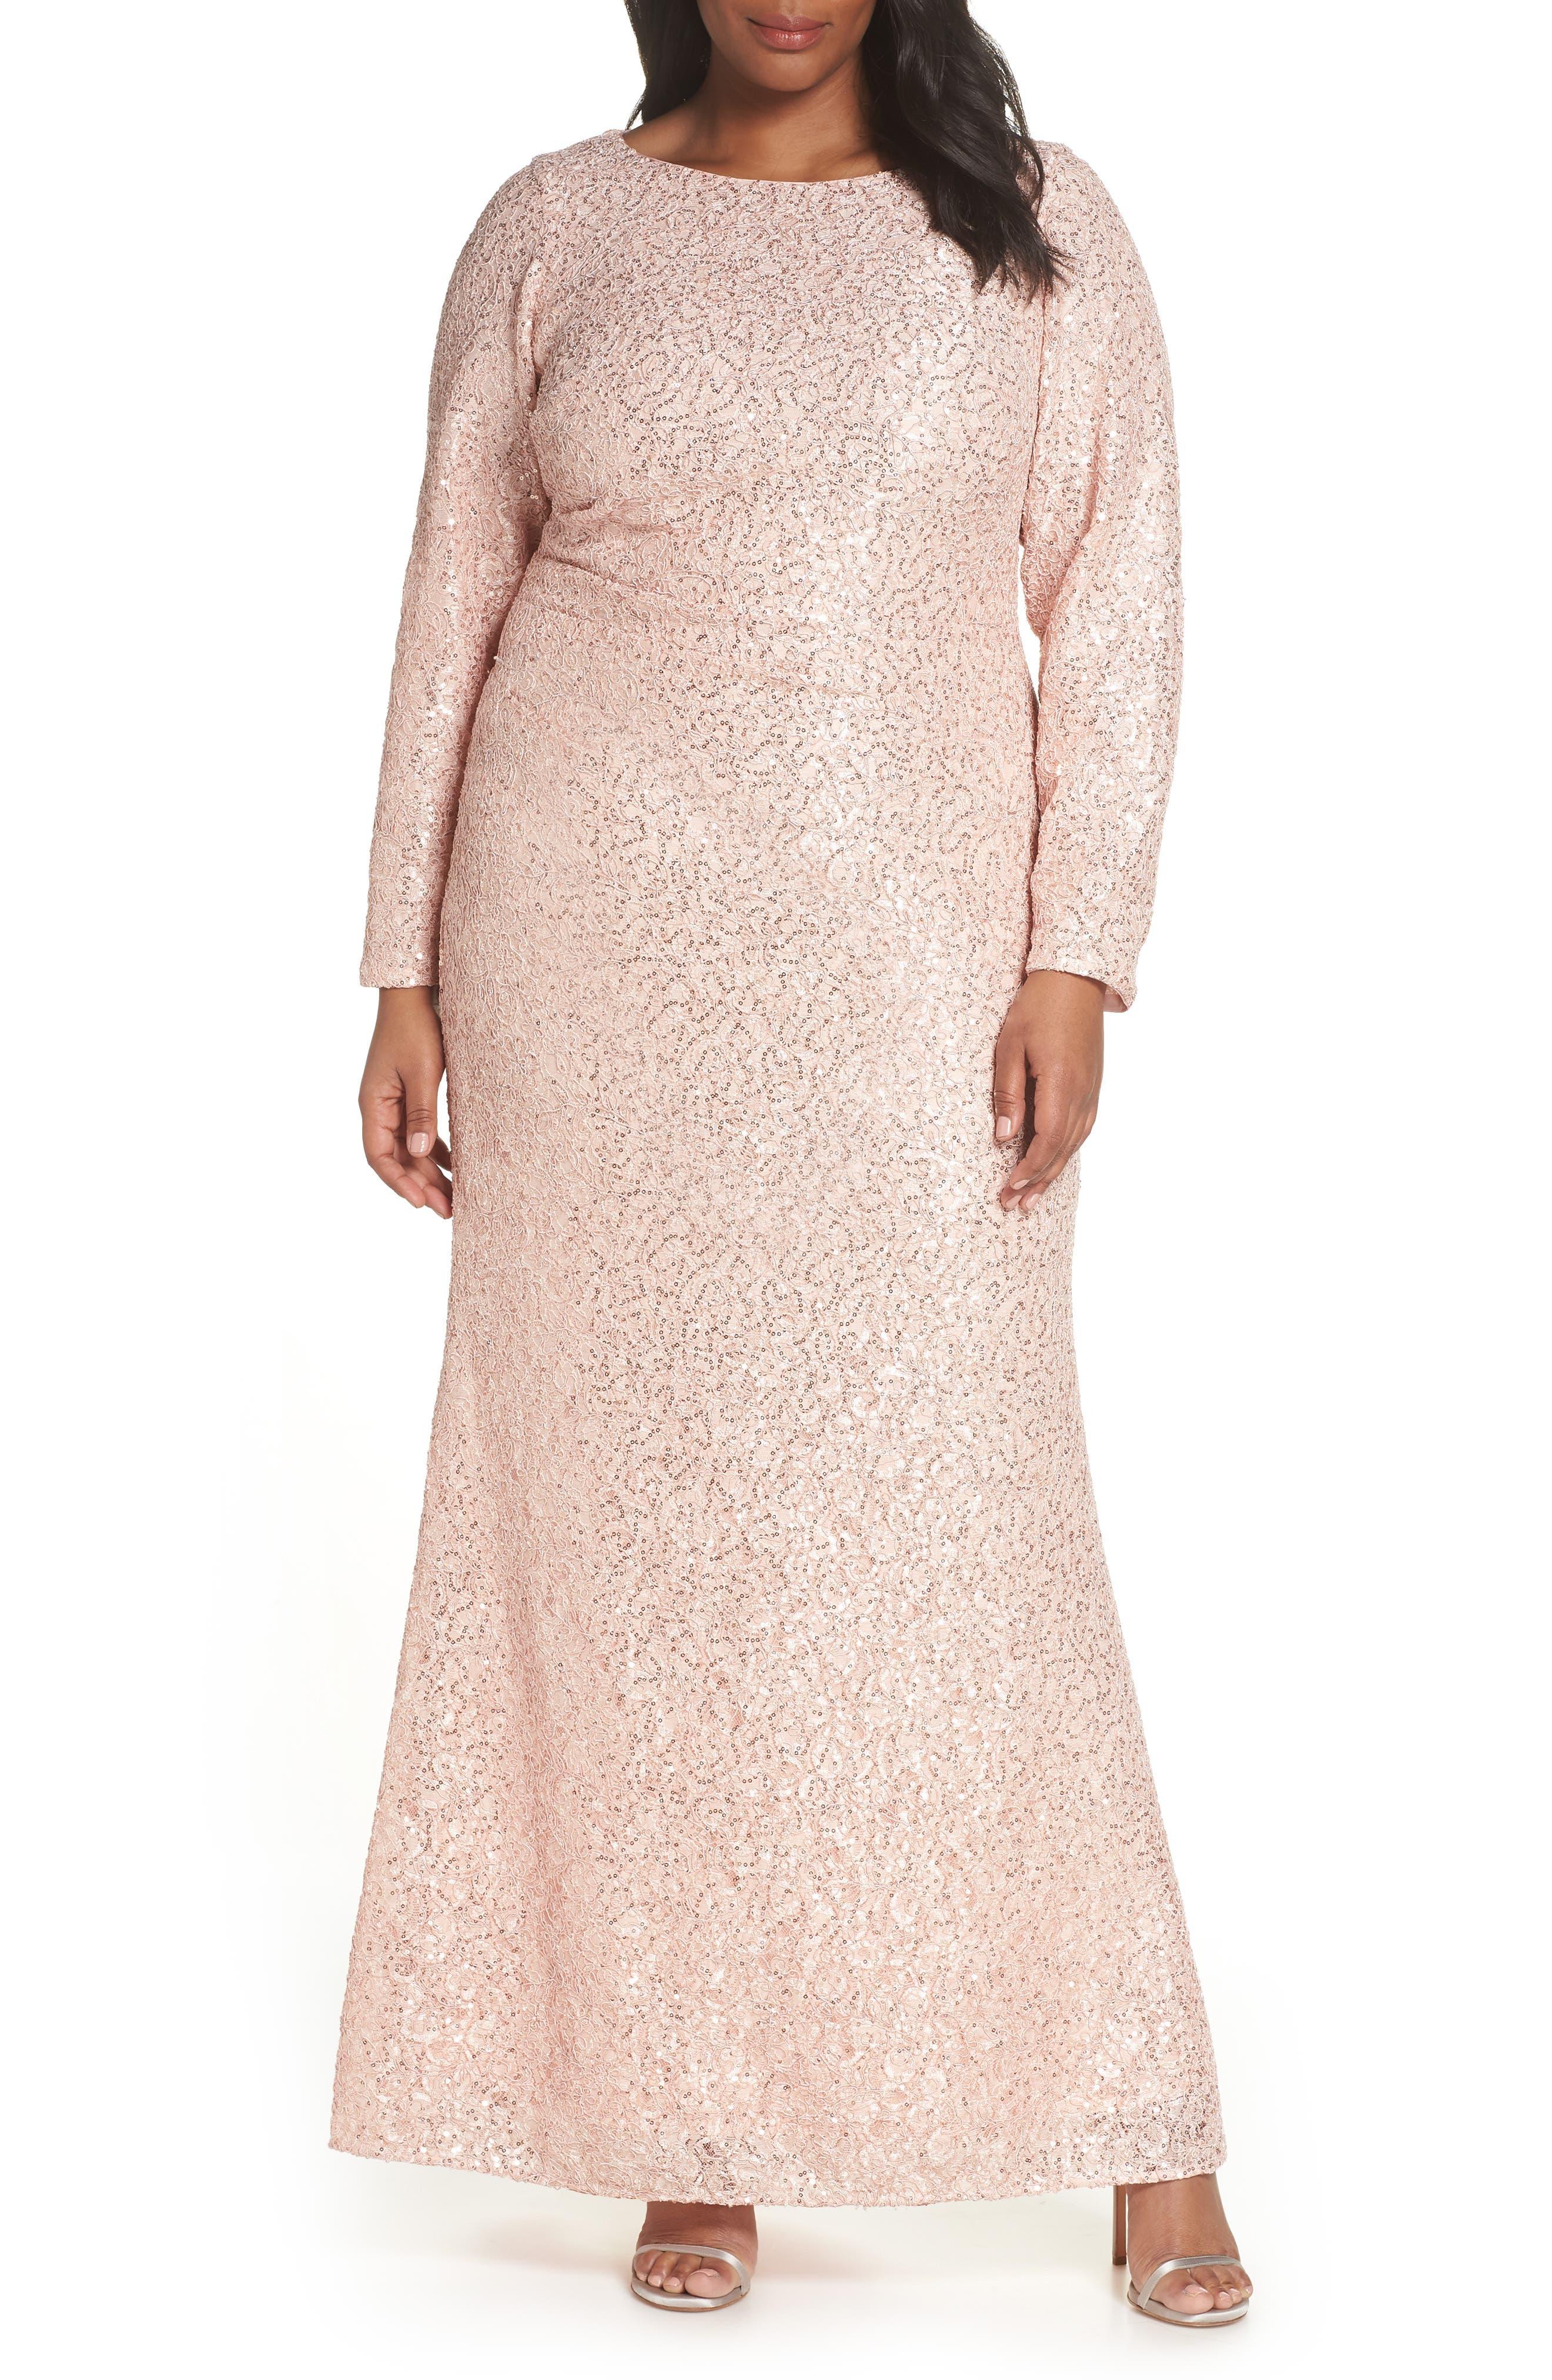 Sequin Lace Evening Dress, Main, color, BLUSH